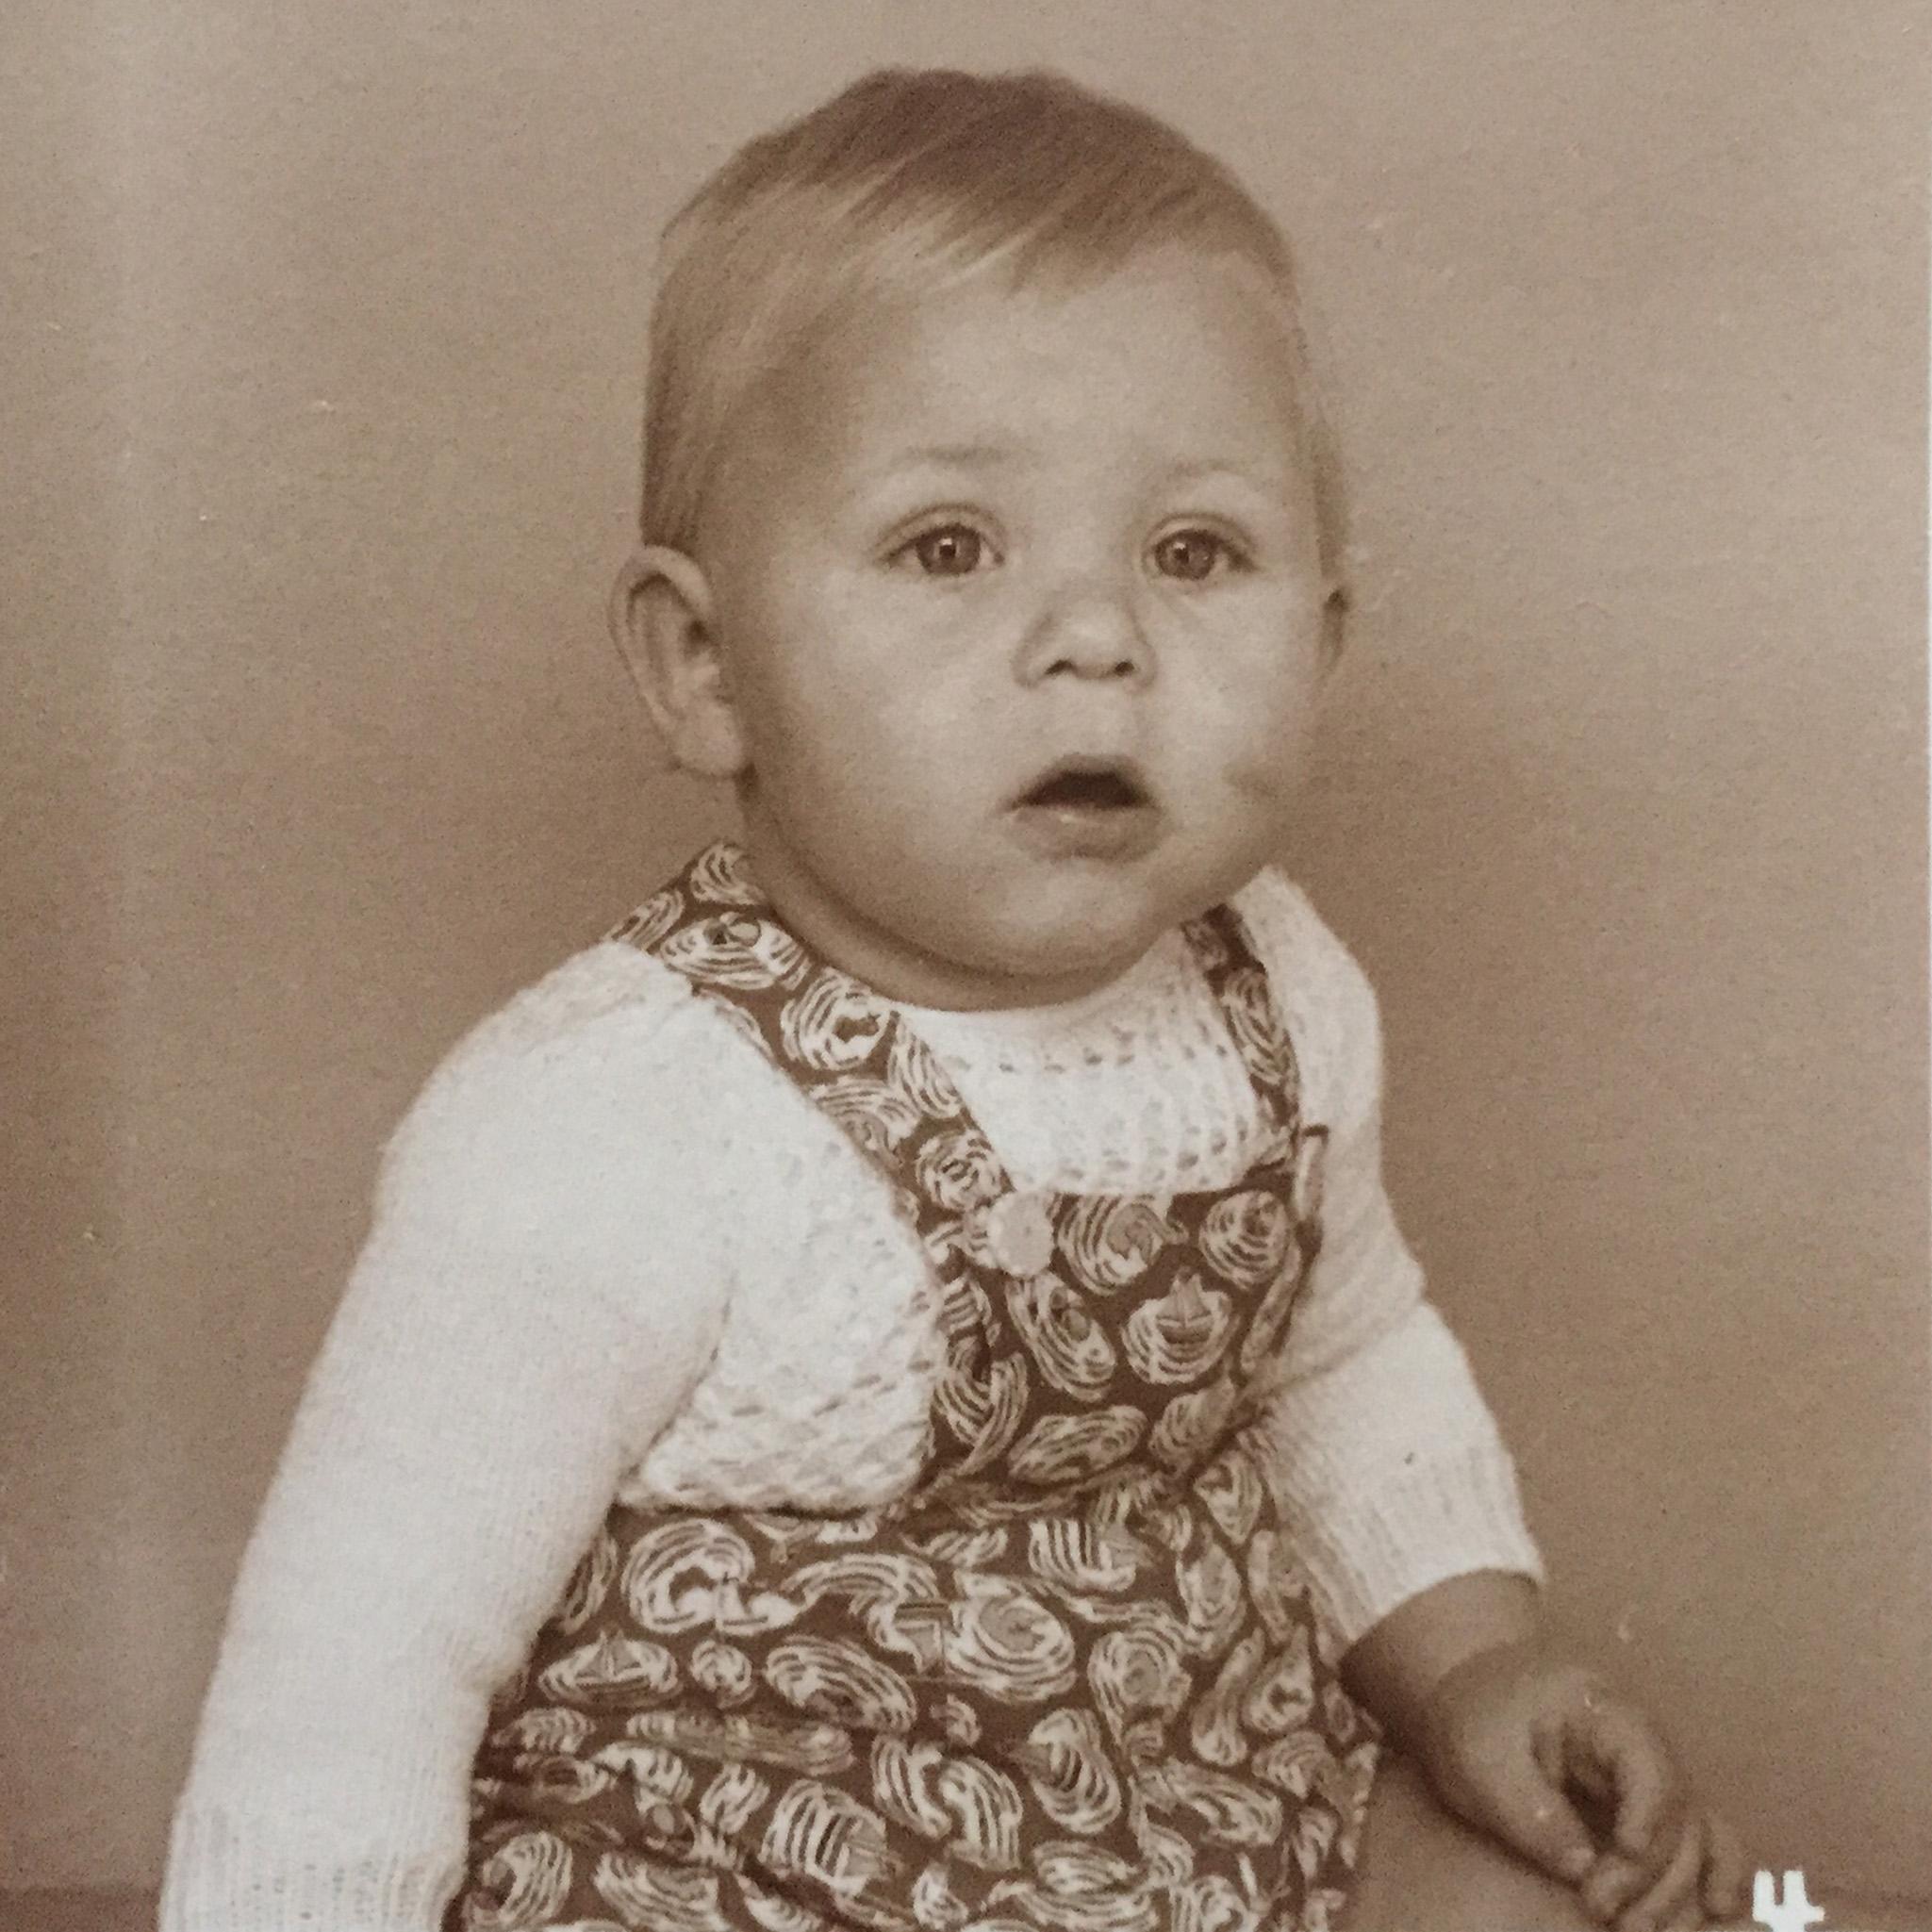 Carsten 10 months